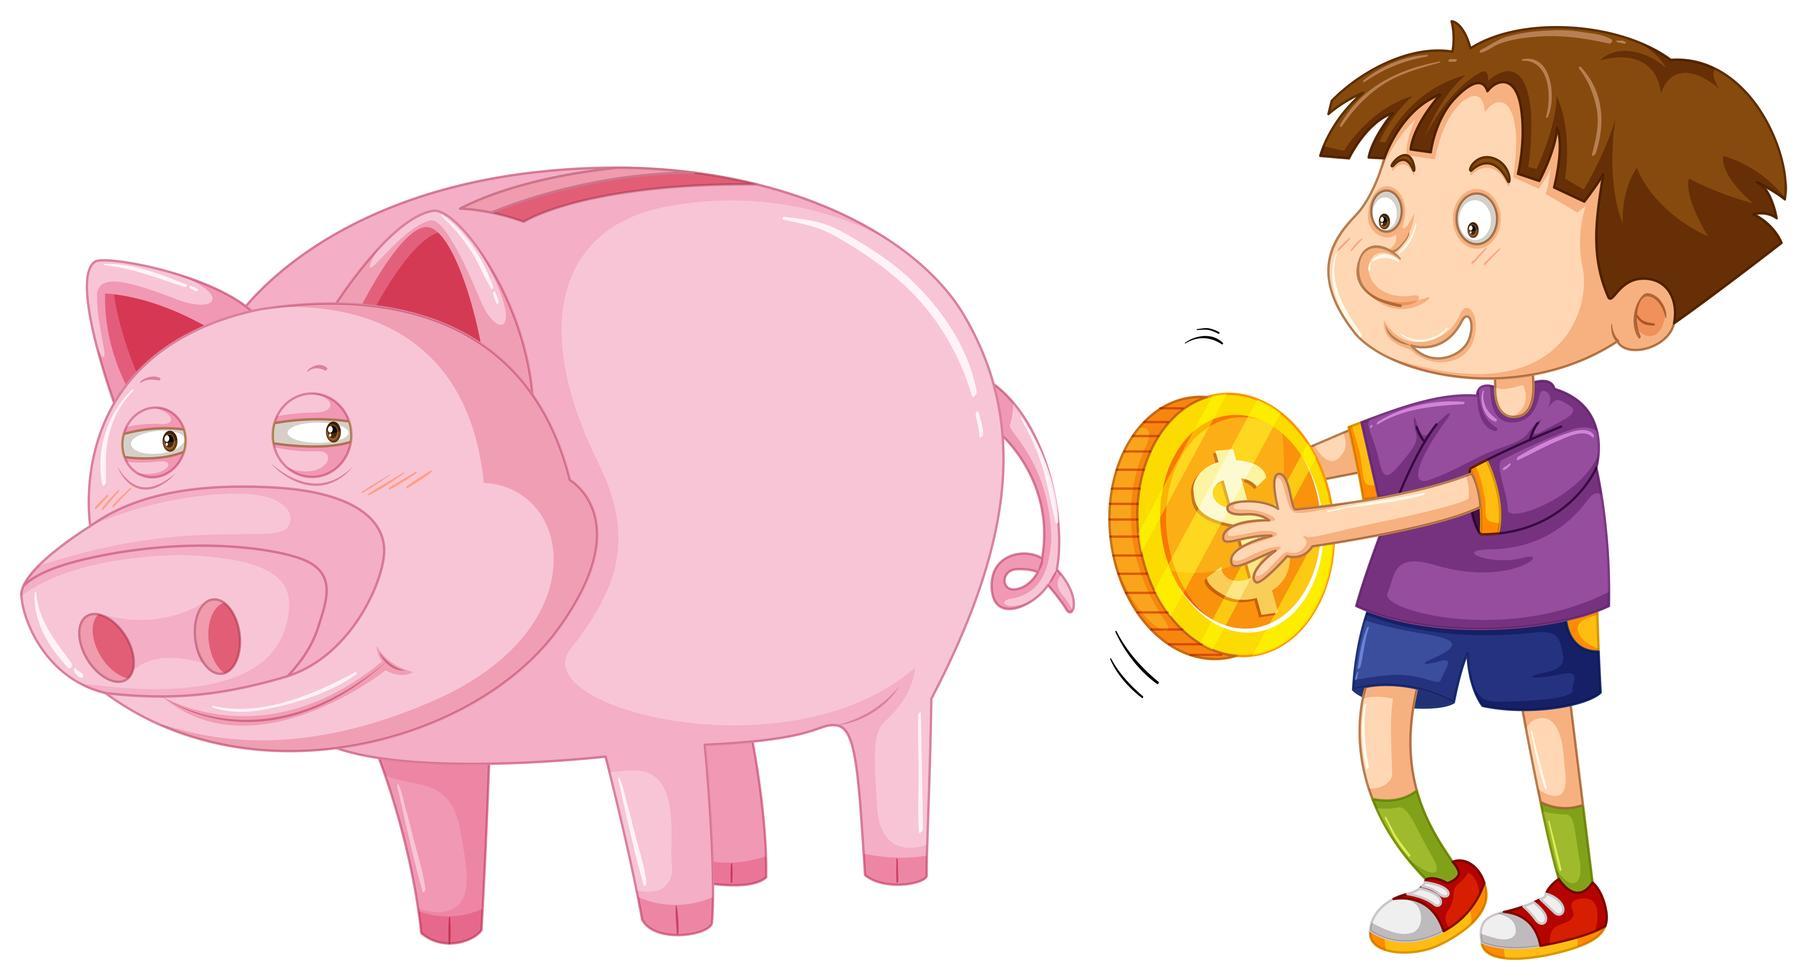 Junge mit goldener Münze und großem Sparschwein - Download